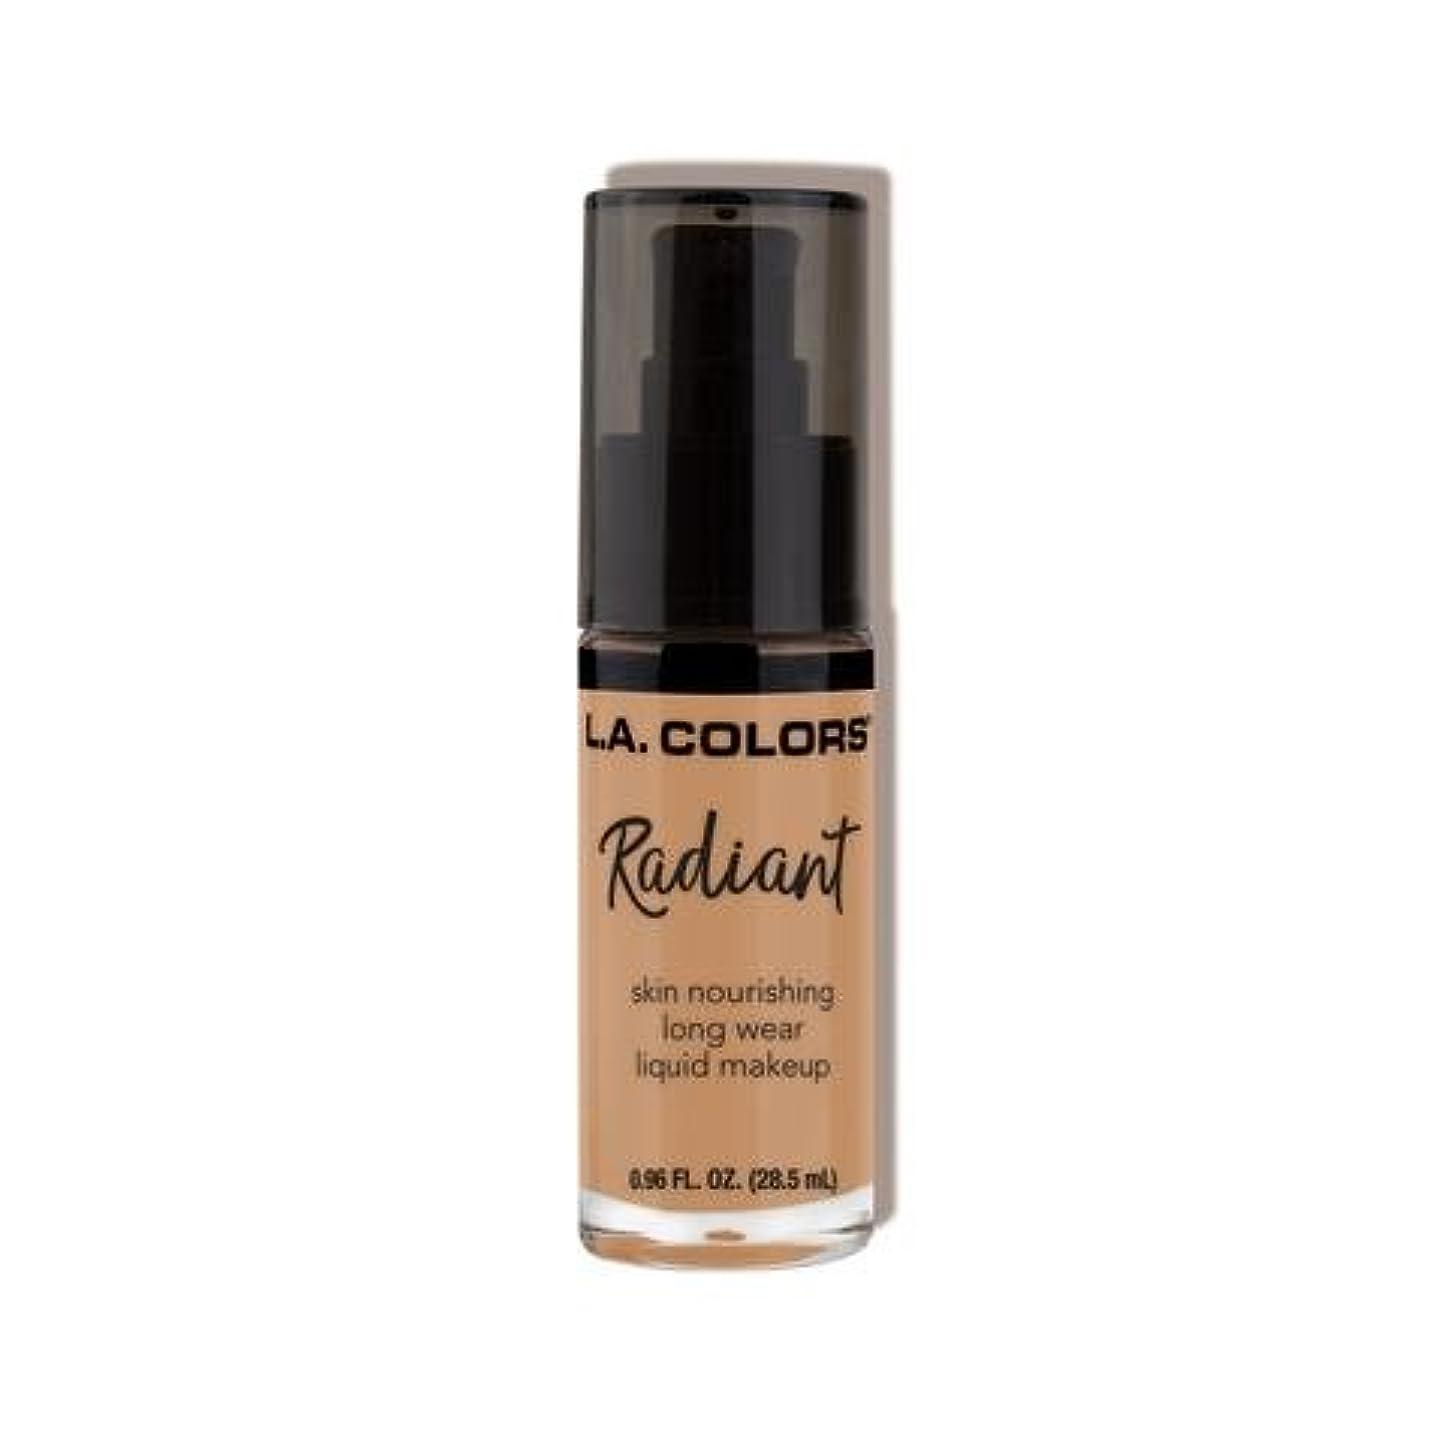 誘惑するセントバナナ(3 Pack) L.A. COLORS Radiant Liquid Makeup - Suede (並行輸入品)